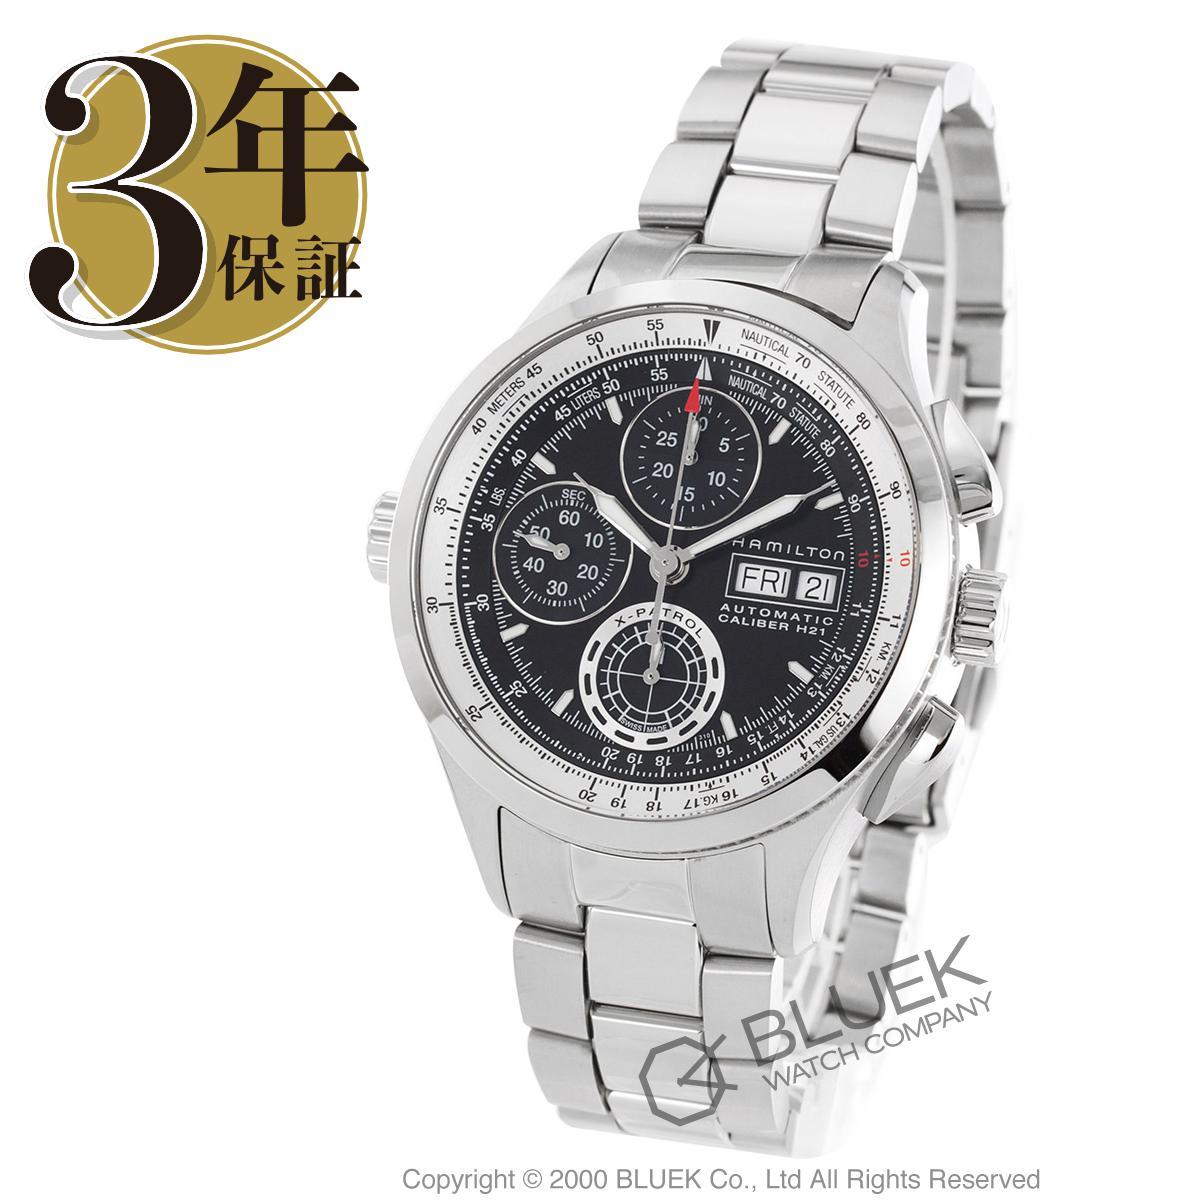 ハミルトン カーキ アビエーション X-パトロール オートクロノ クロノグラフ 腕時計 メンズ HAMILTON H76556131_3